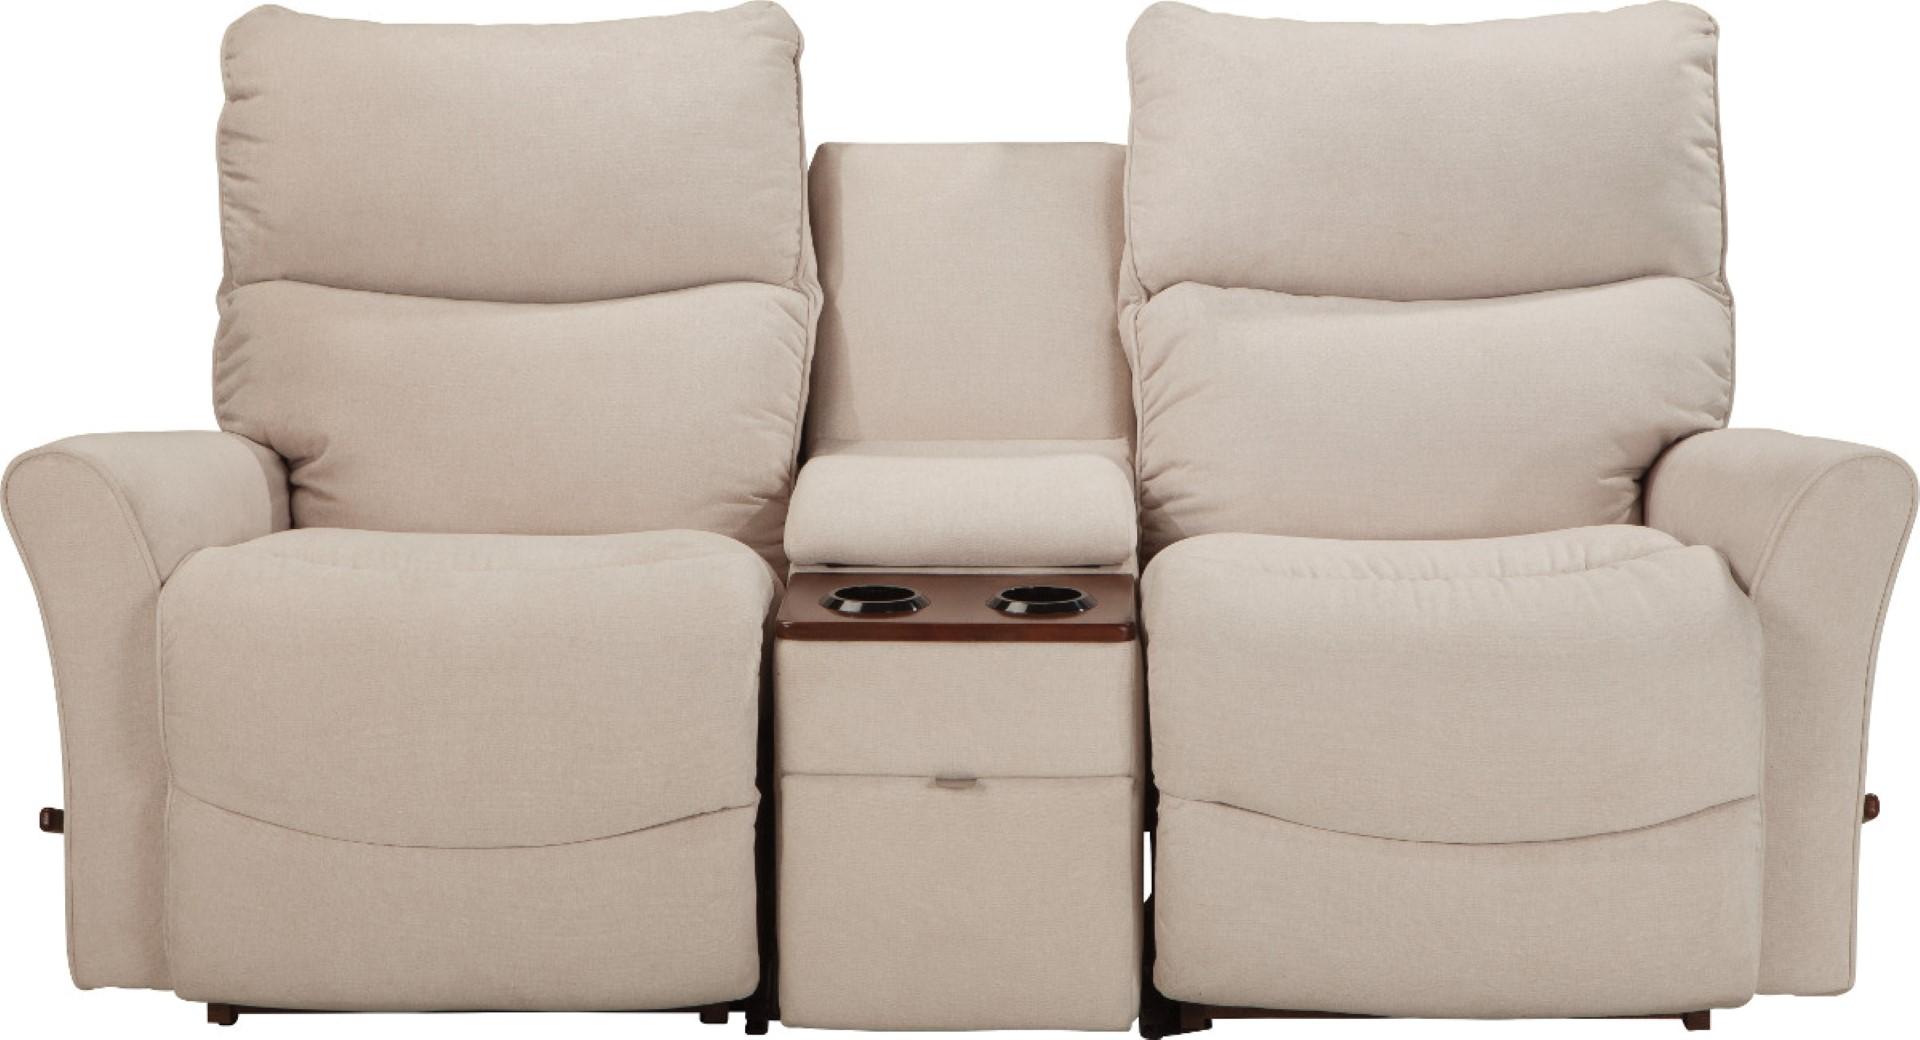 La Z Boy Rowan Reclining Sofa Town & Country Furniture